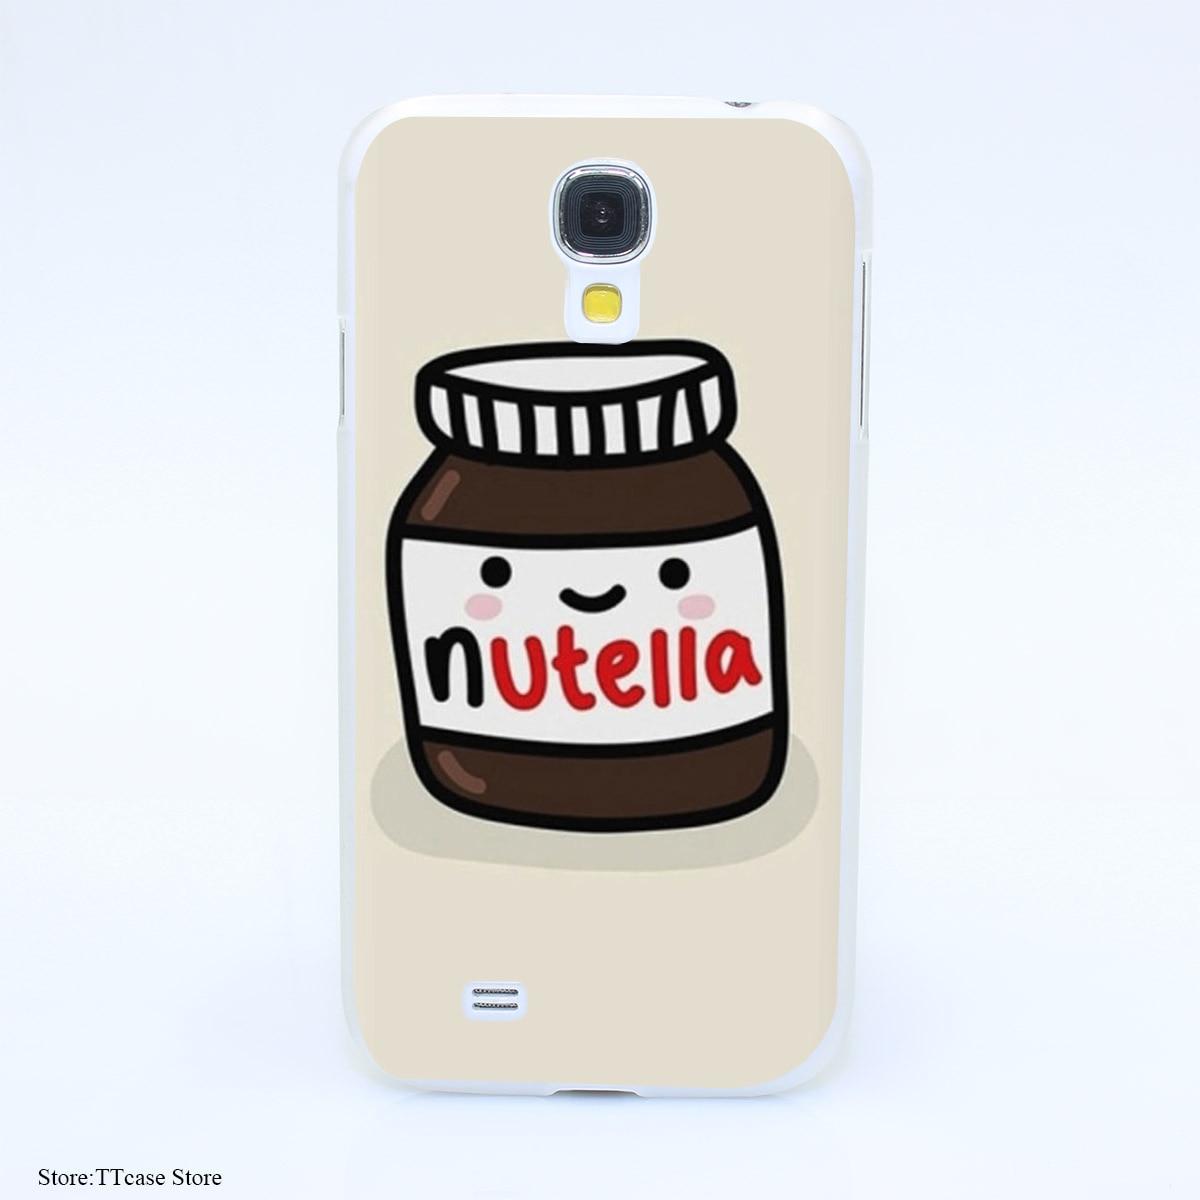 2544CA Nutella design Hard Transparent cheap Case Cover for Galaxy S2 S3 S4 S5 & Mini S6 S7 & edge Plus